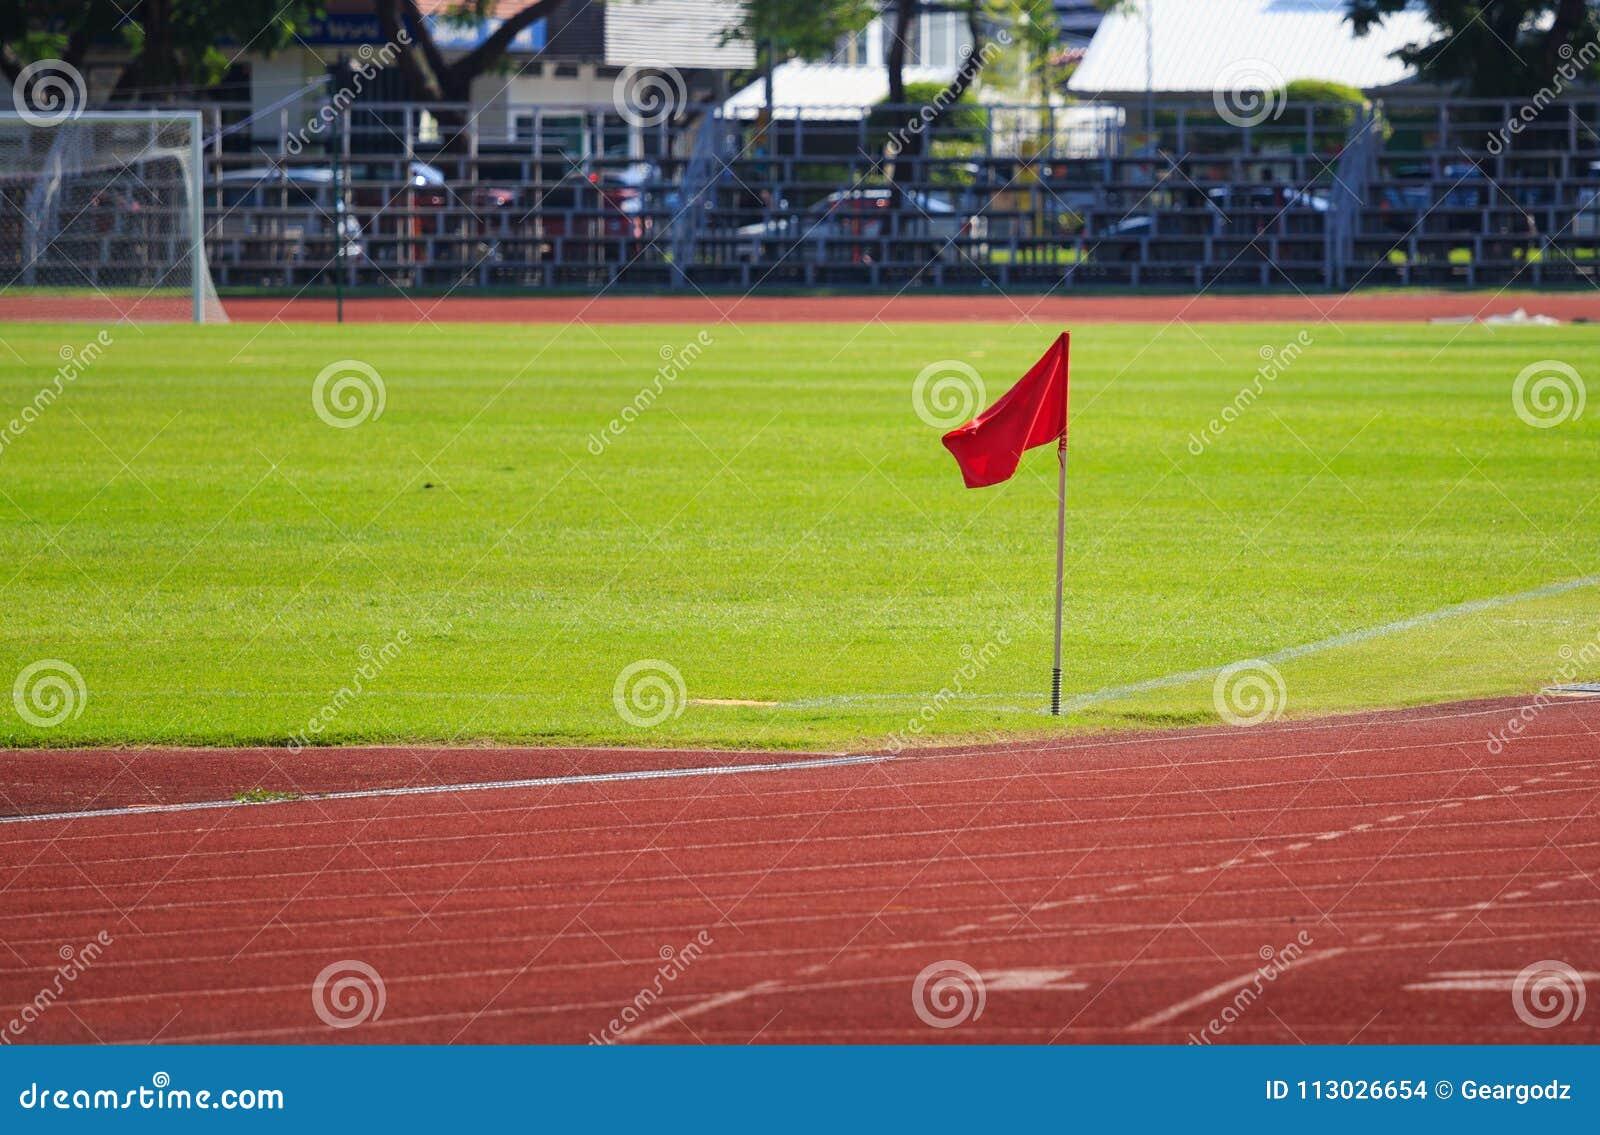 Bandera roja en la esquina del campo de fútbol